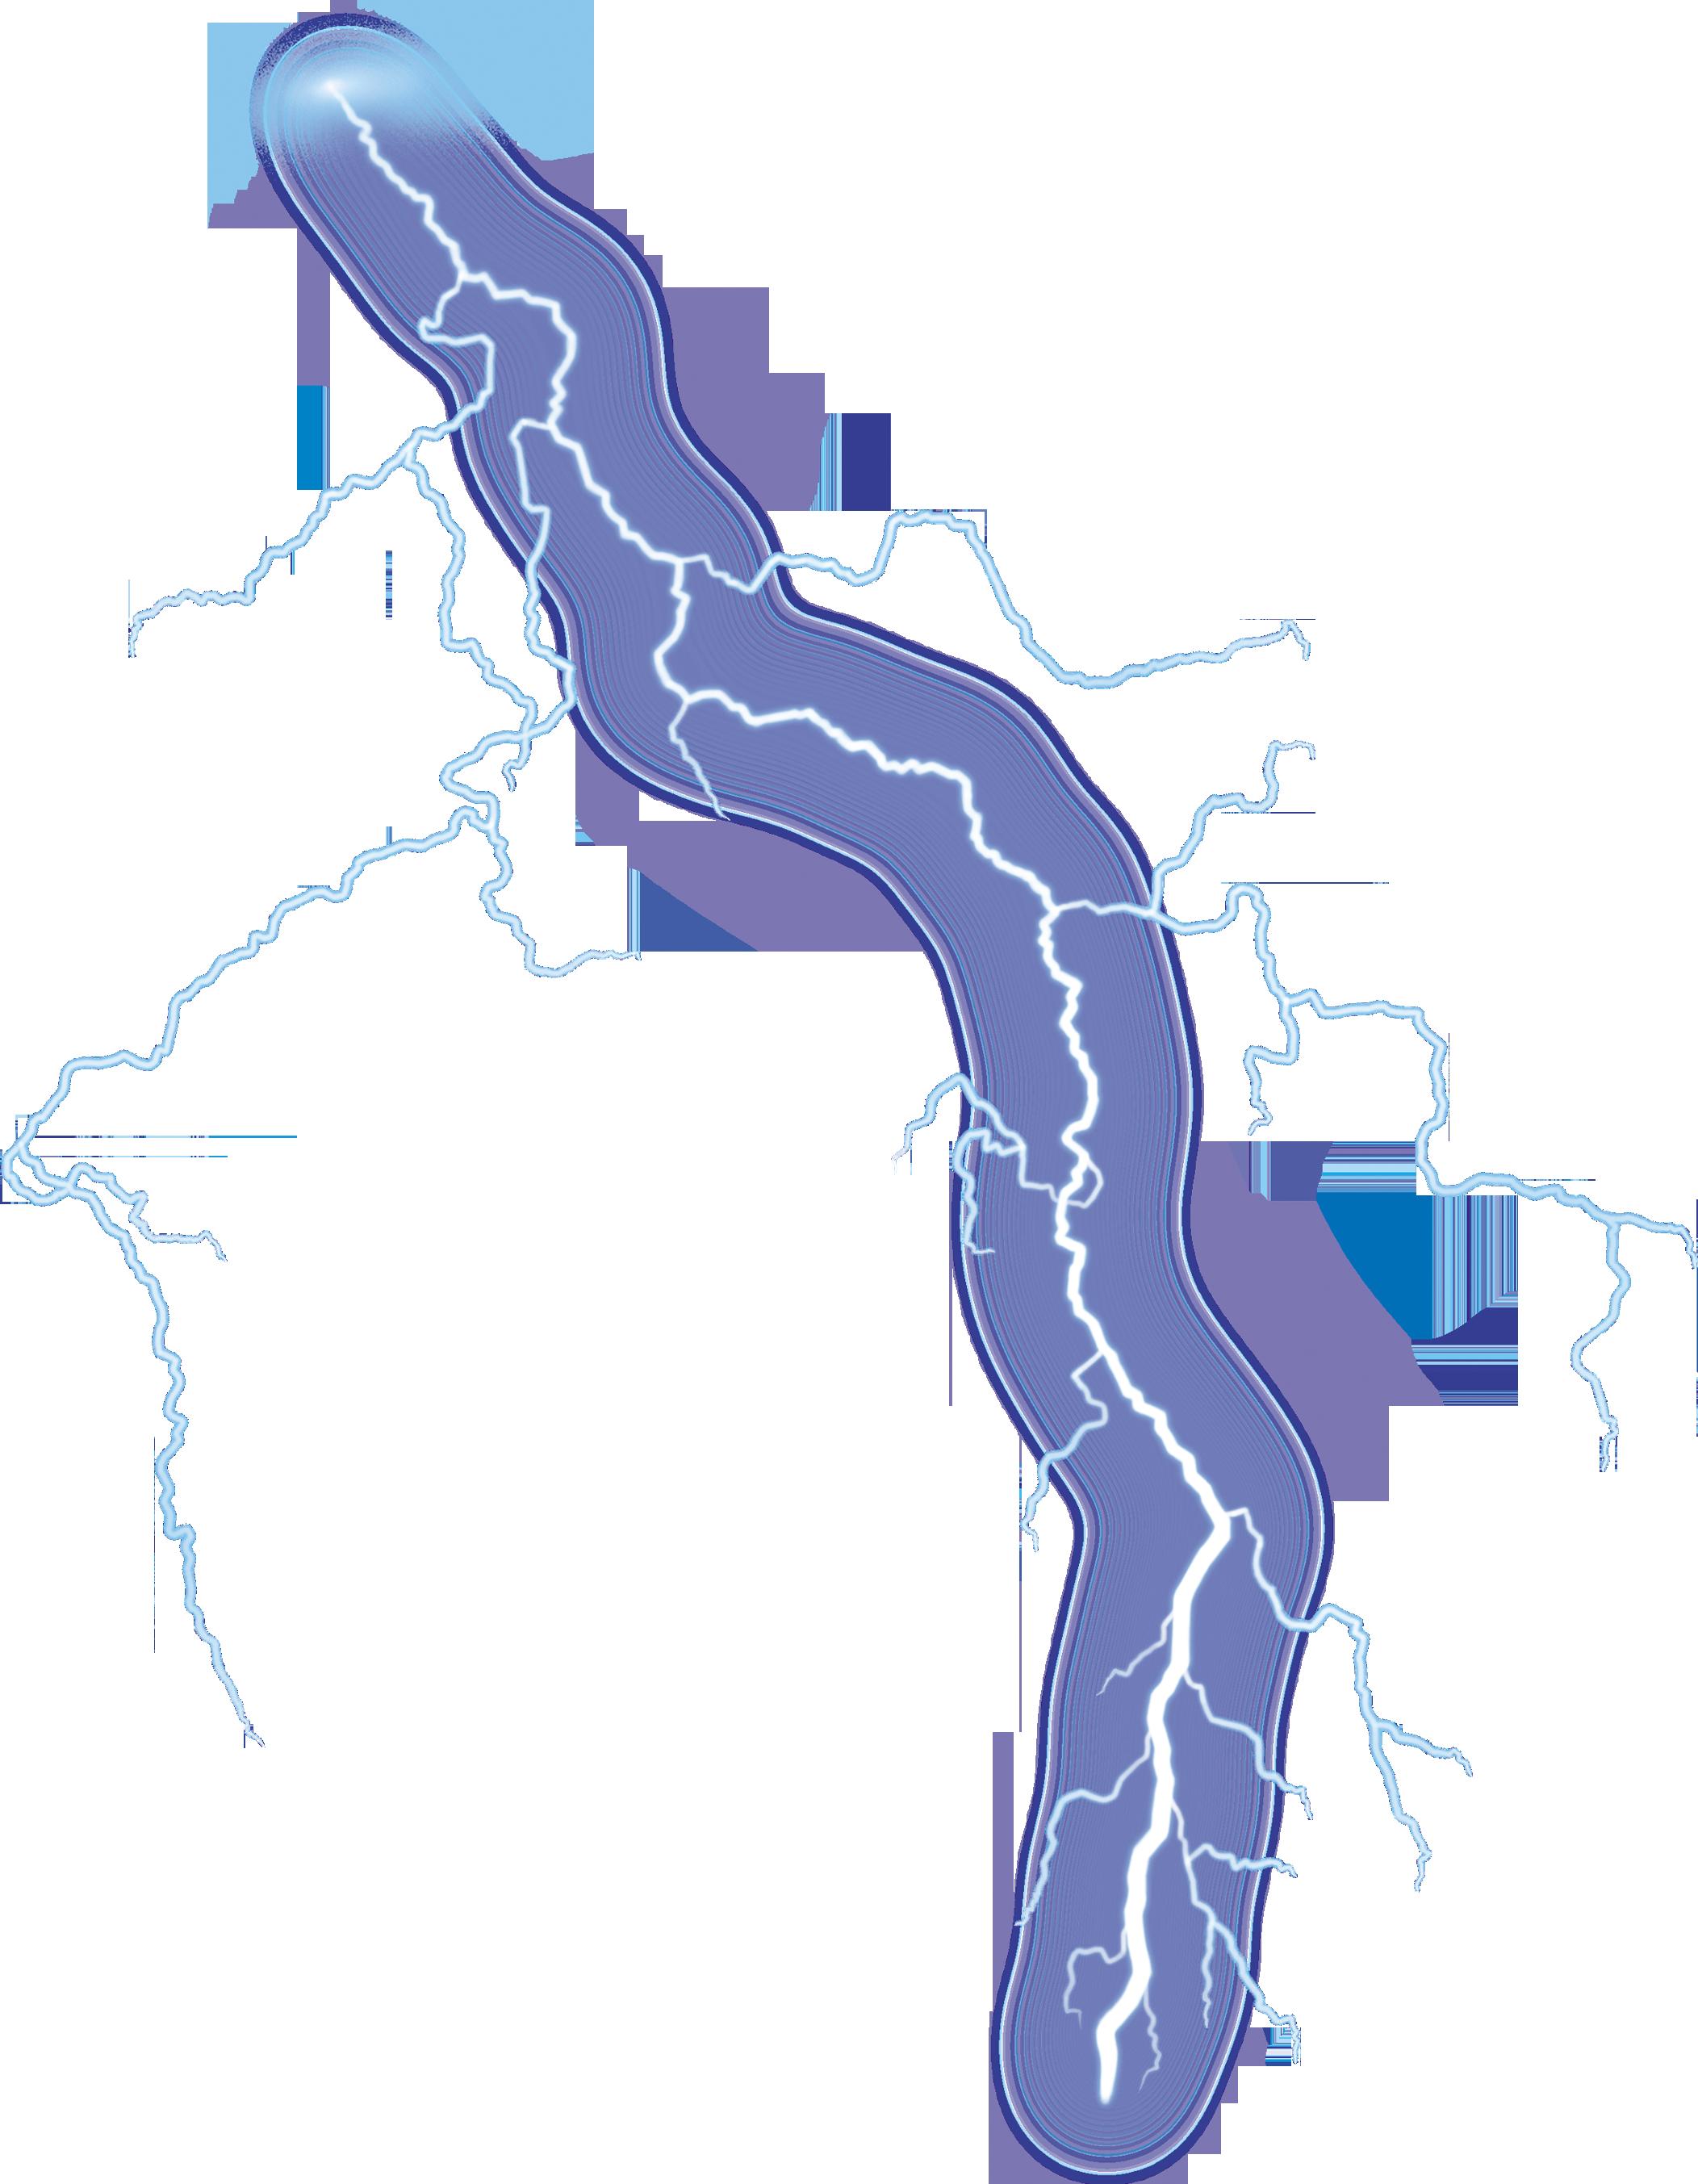 Lightning PNG images free download.